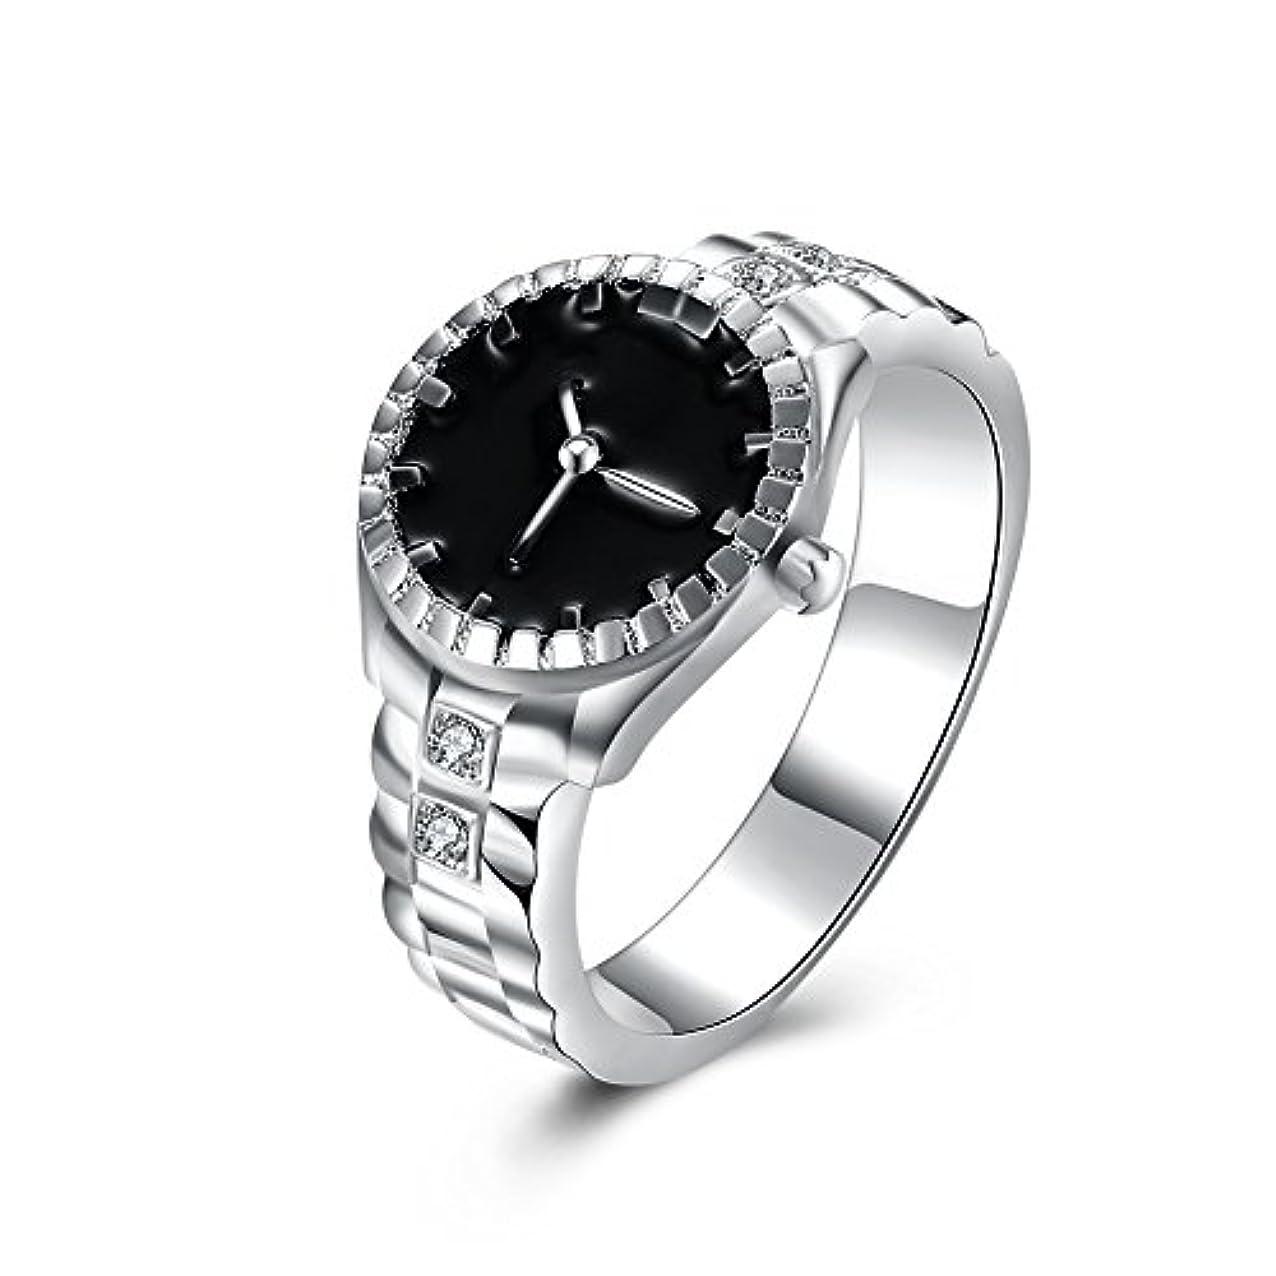 倉庫キャプチャー非常に925スターリングシルバーメッキ時計型ダイヤモンドリングファッションジュエリー周年記念ギフト (マルチカラー)